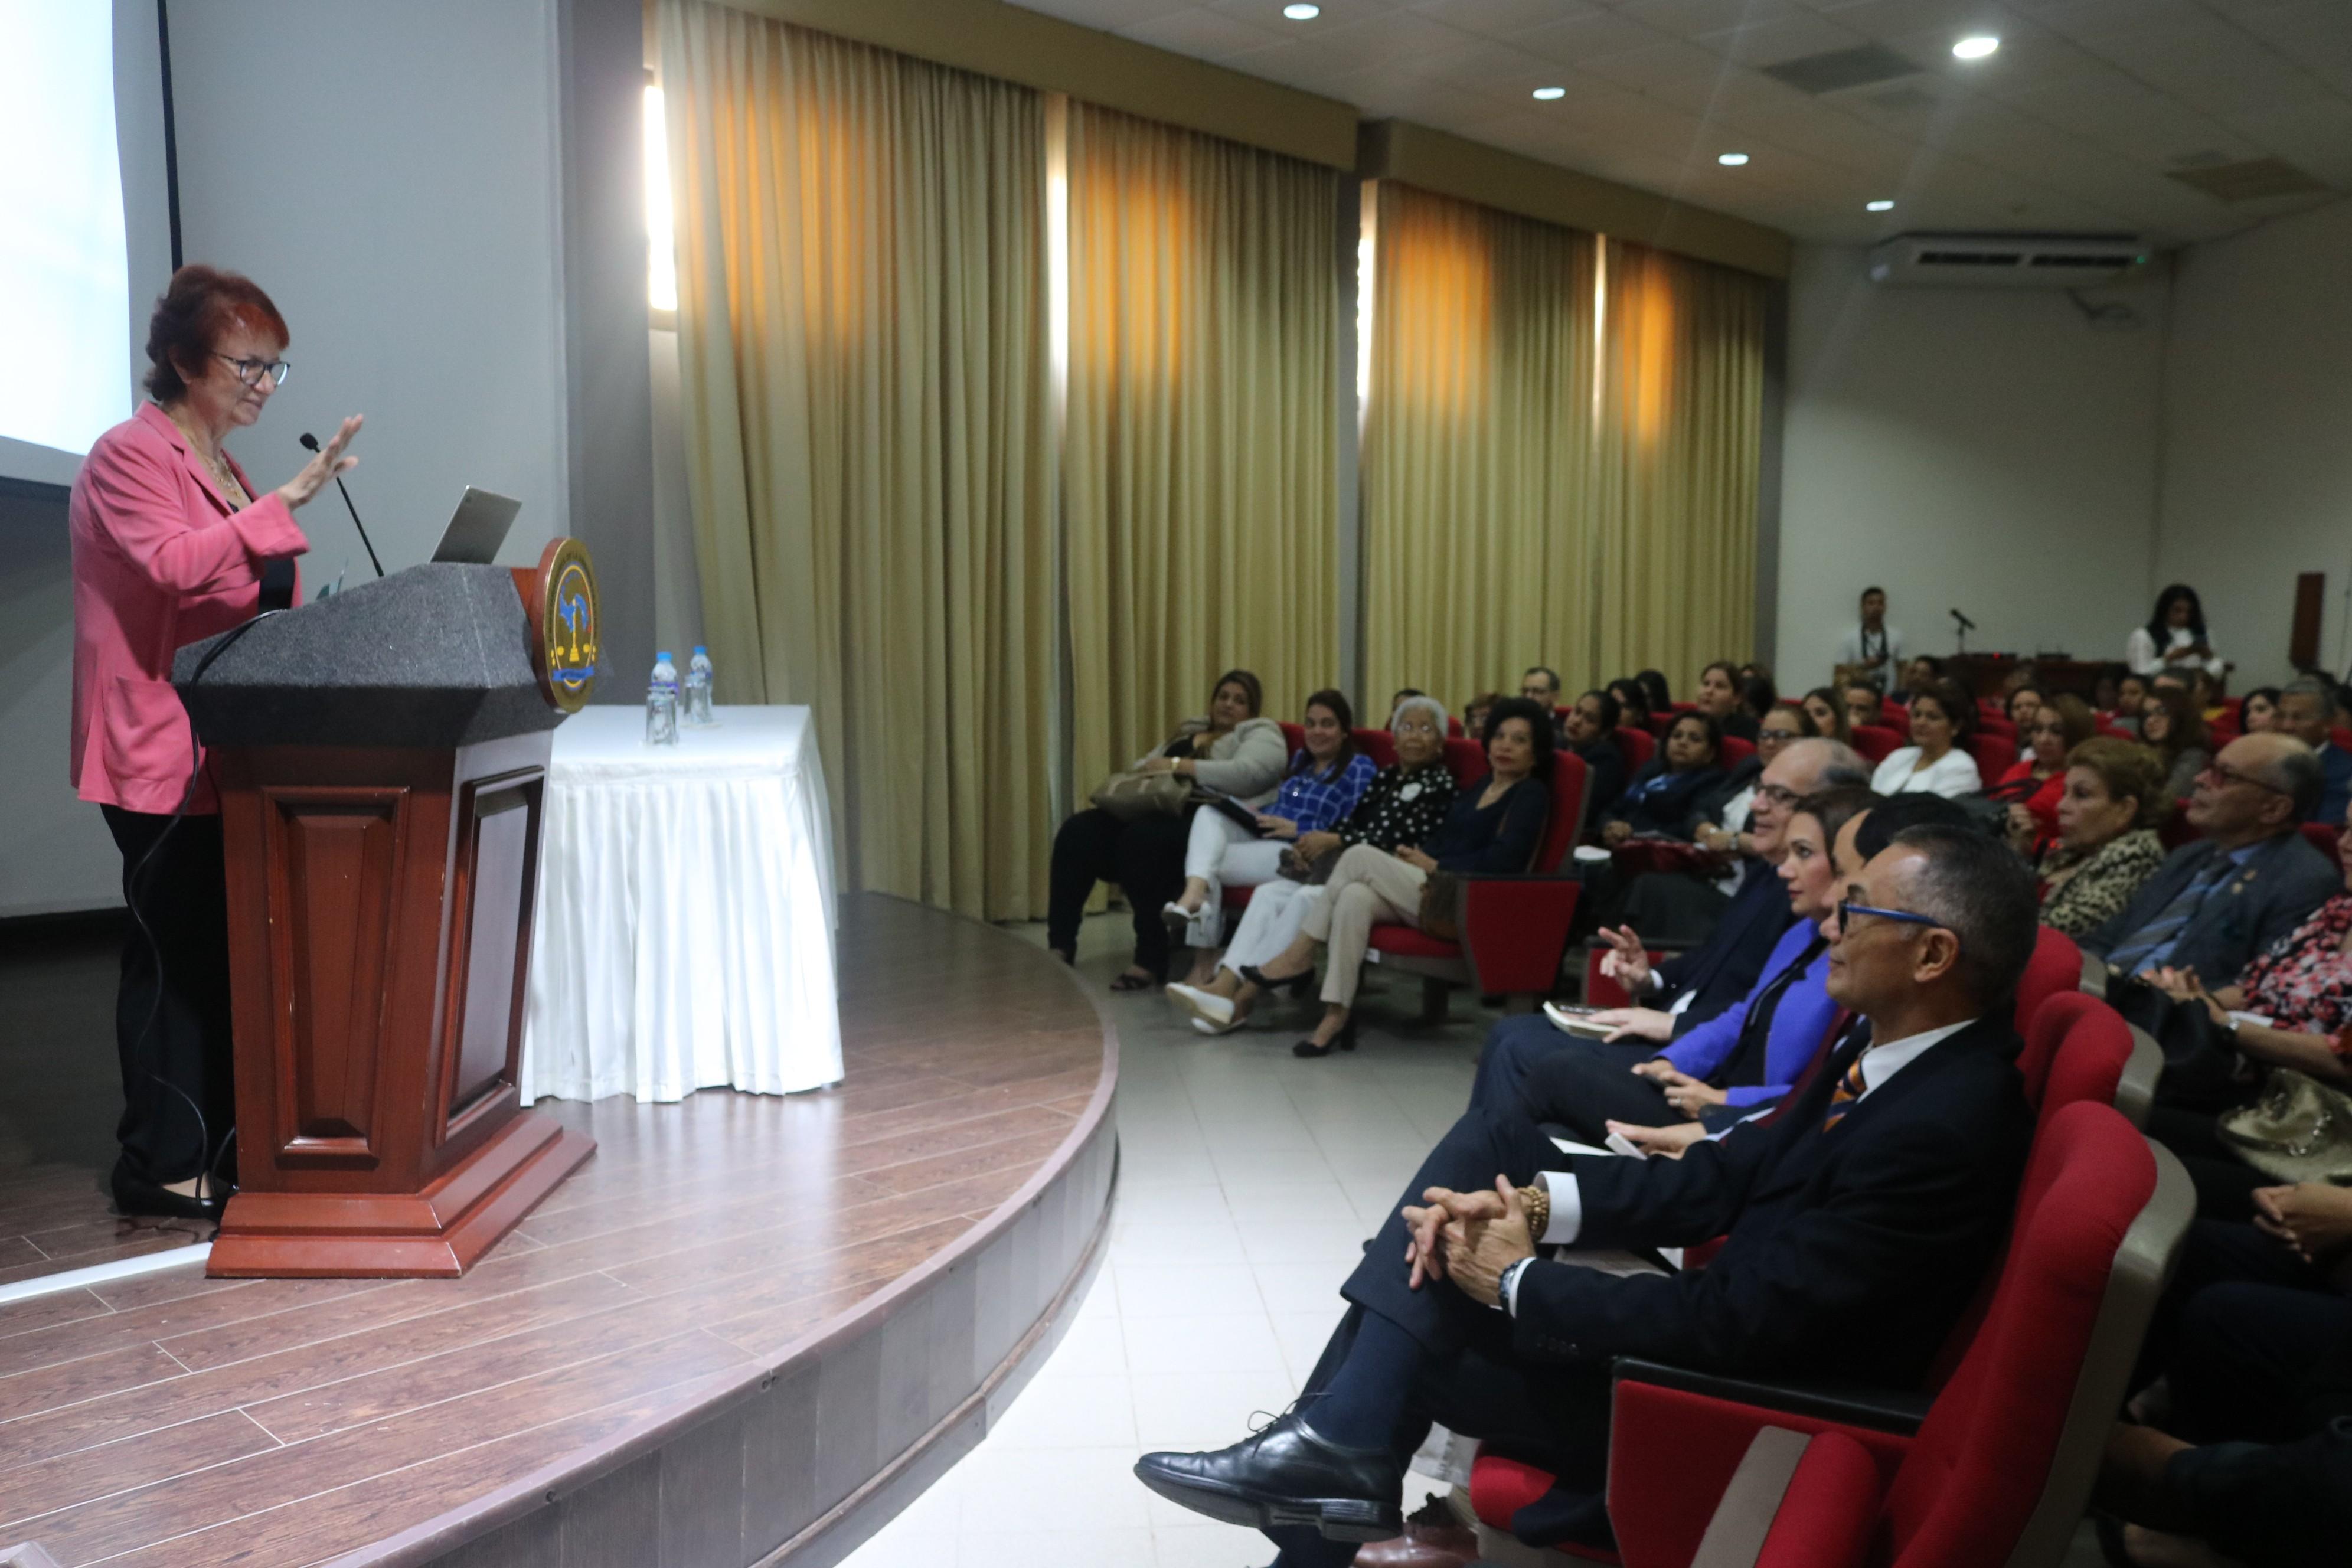 Procuraduría resalta legado en lucha de derechos humanos por parte de Clara González